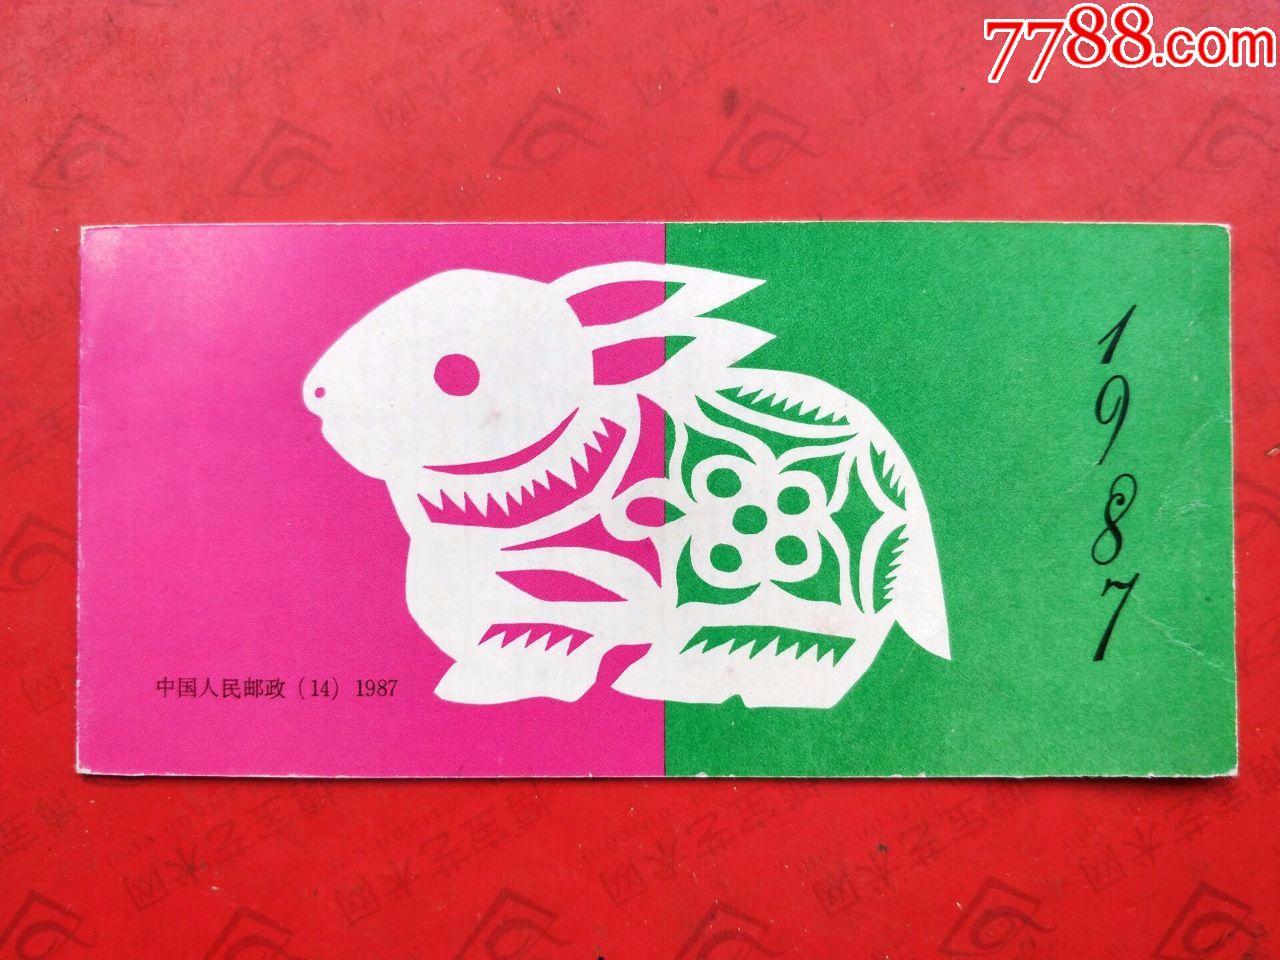 第一轮.兔本票(有折痕)品相看图.?#22270;?#36716;让(se62864313)_